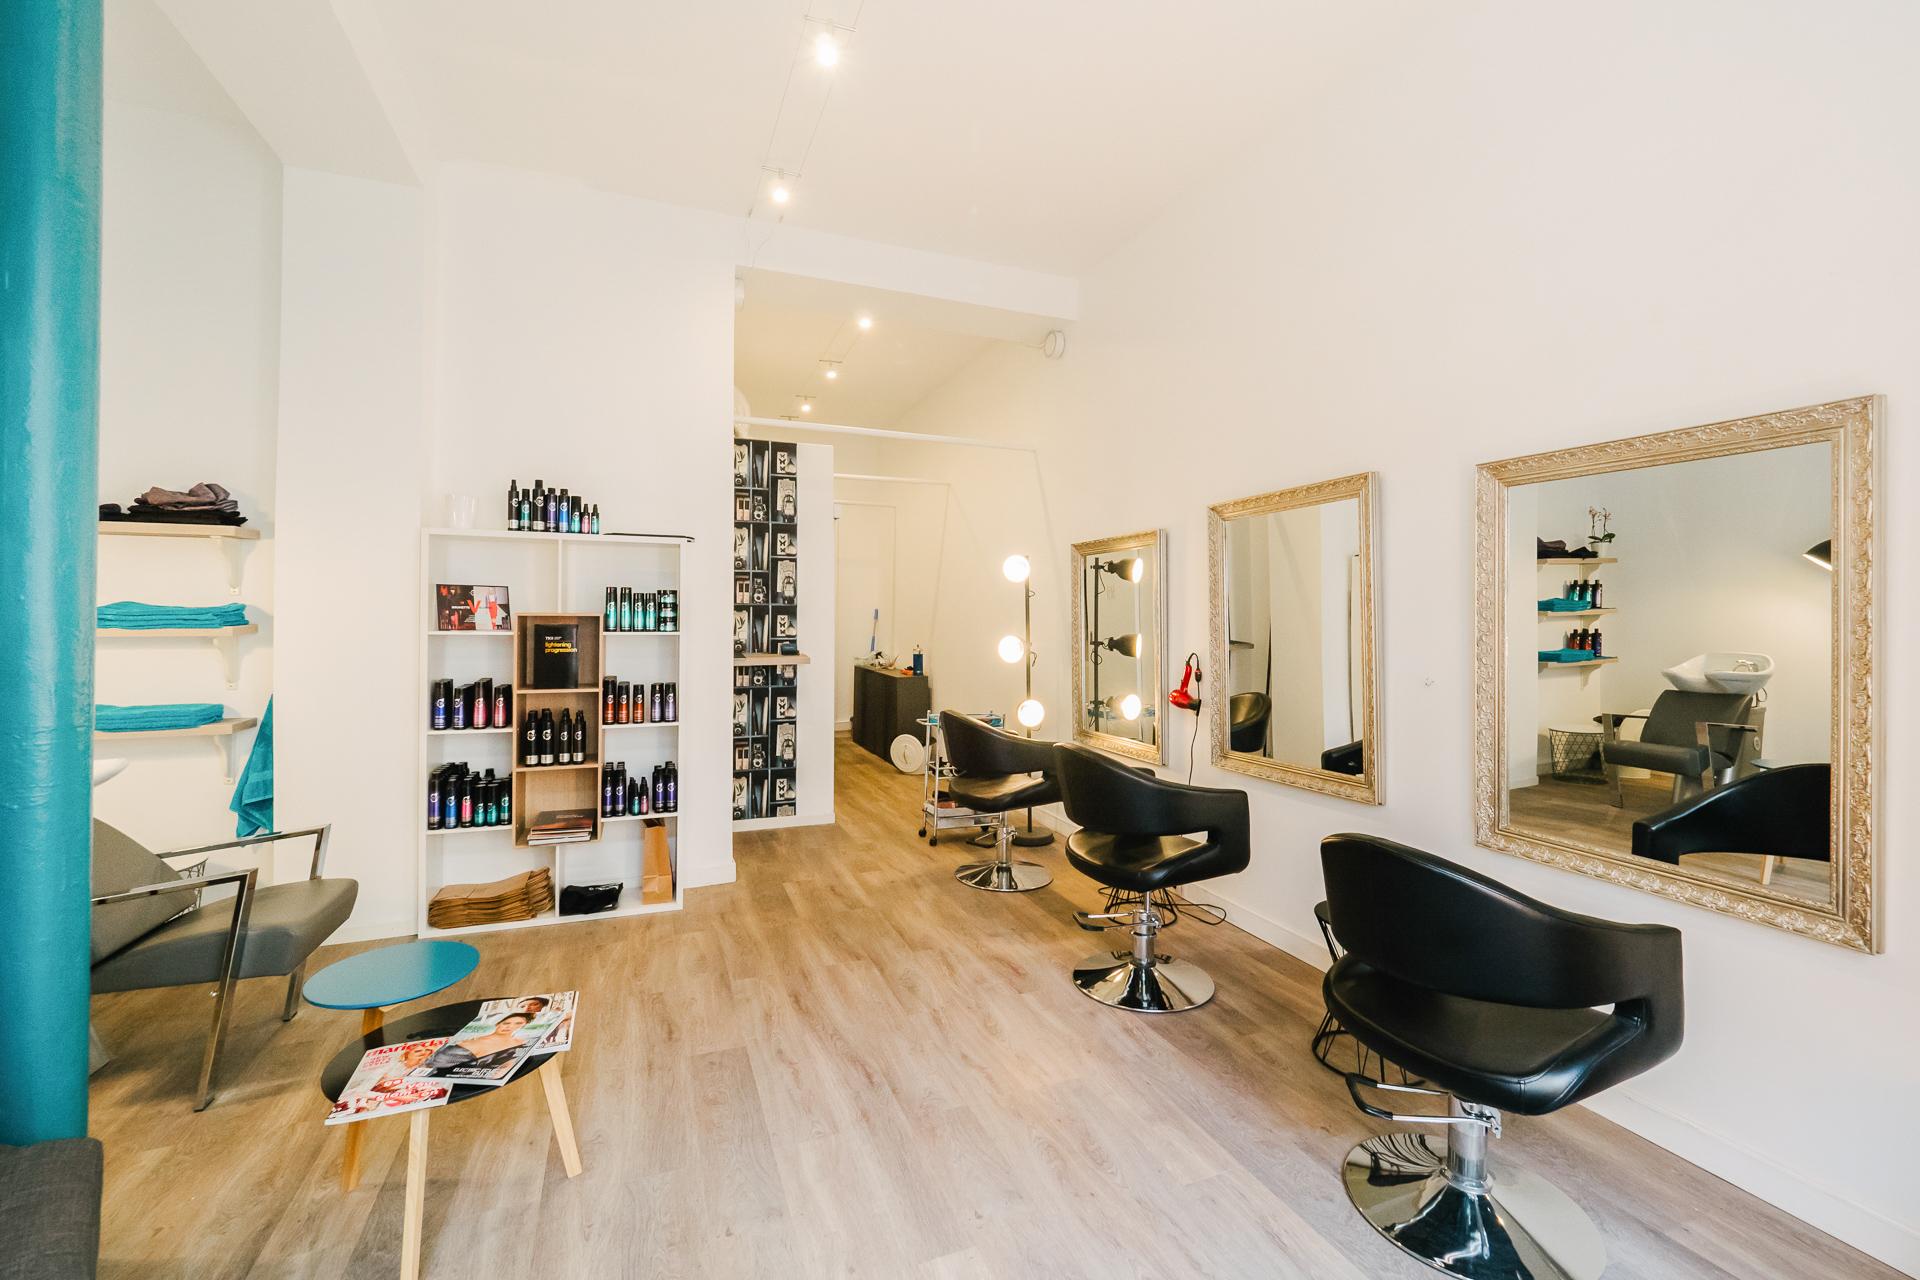 Meilleur Salon de coiffure Paris - Best Hair Salon in Paris Île-de ...